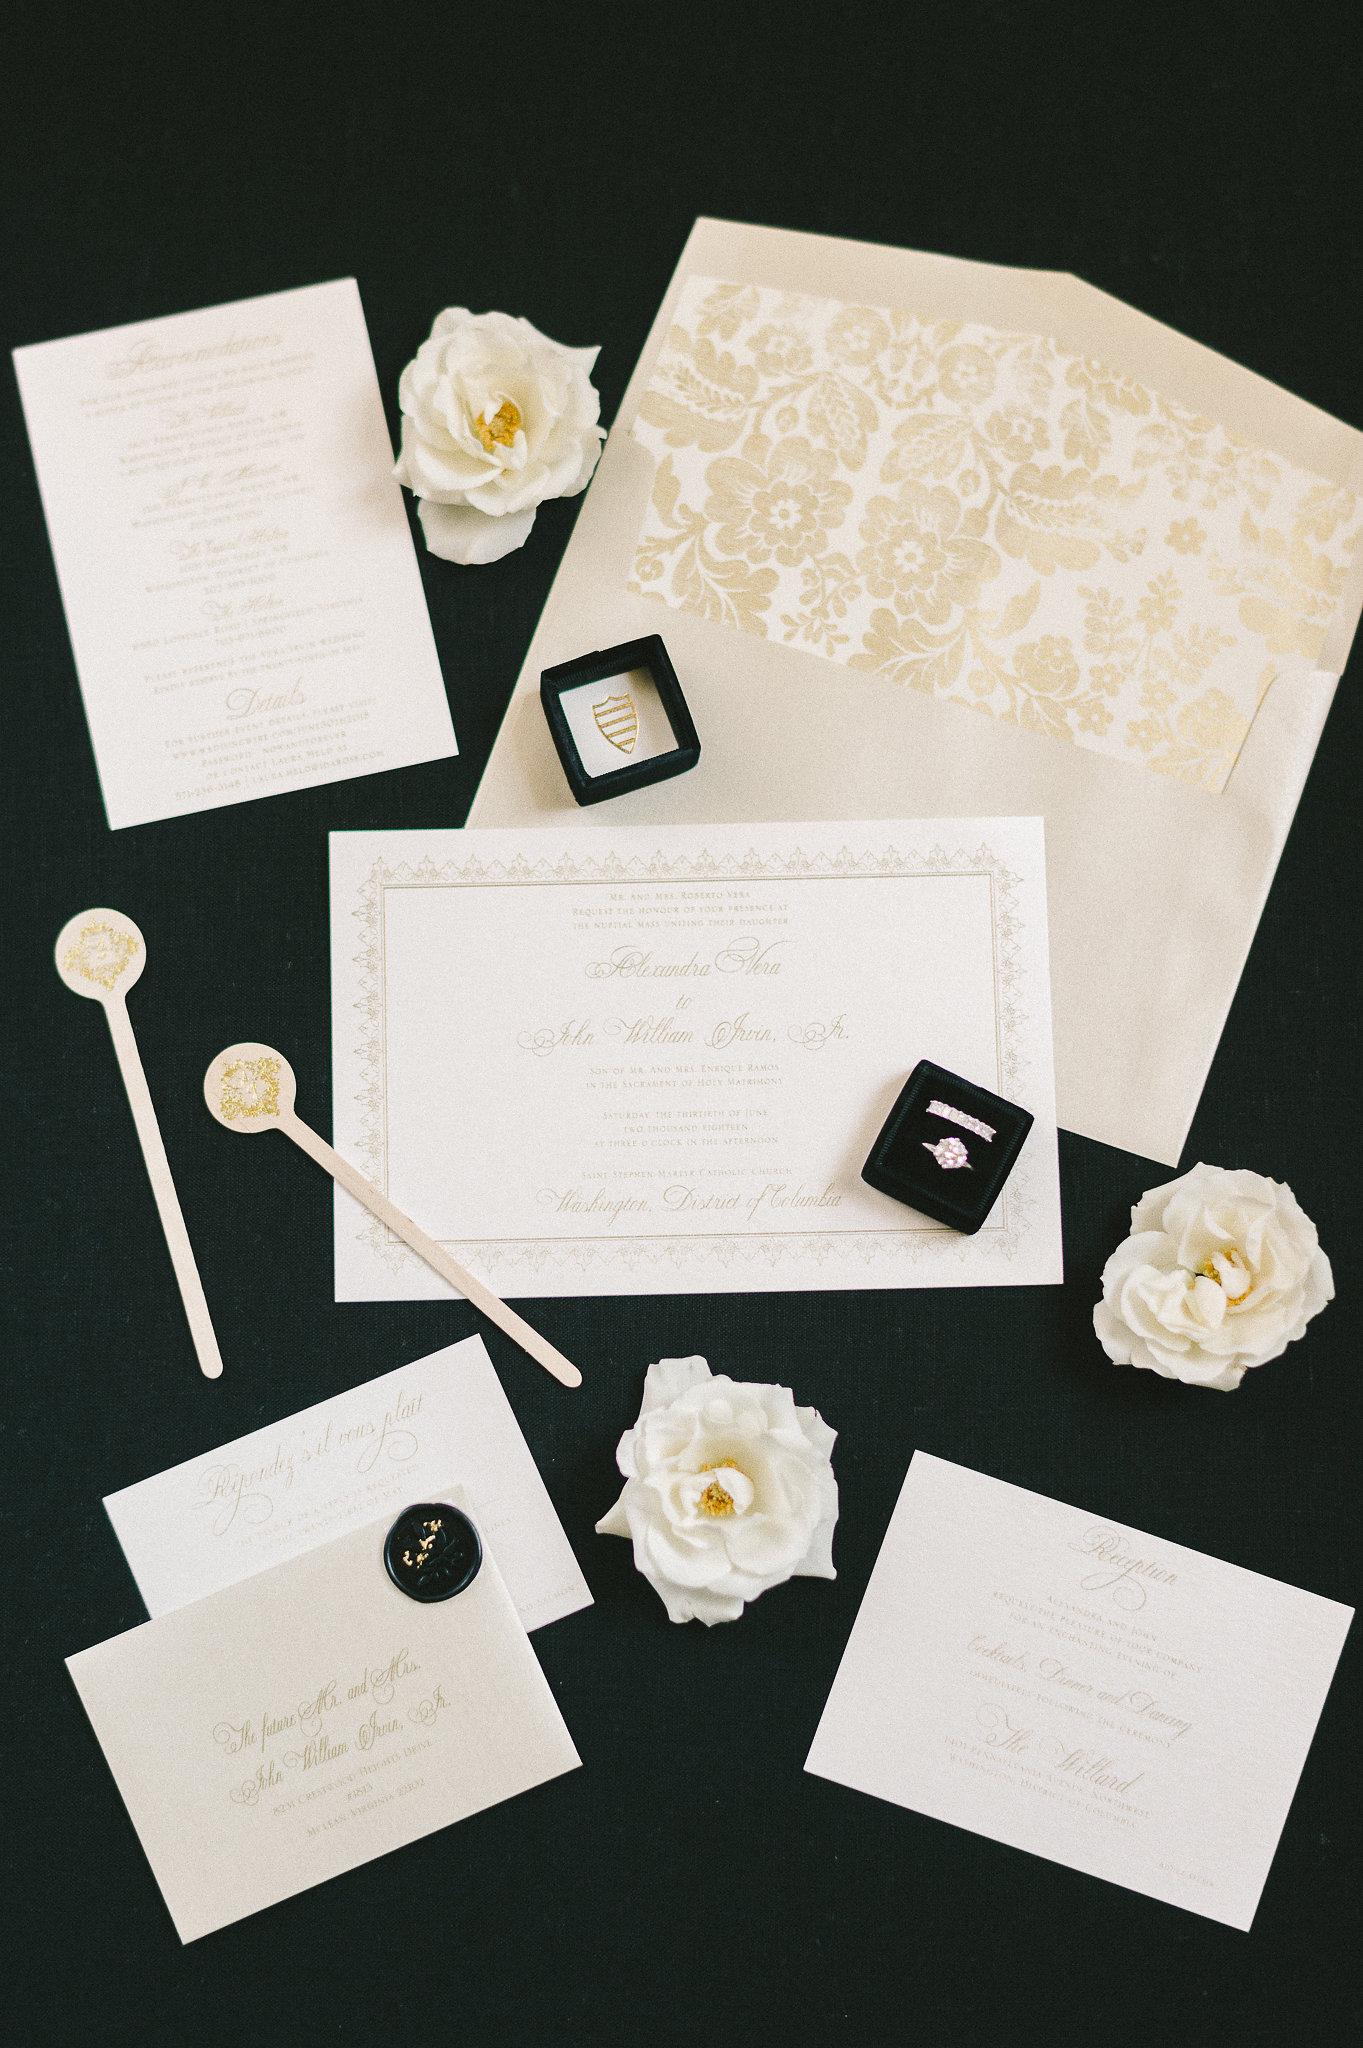 Elizabeth-Fogarty-Wedding-Photography-15.jpg